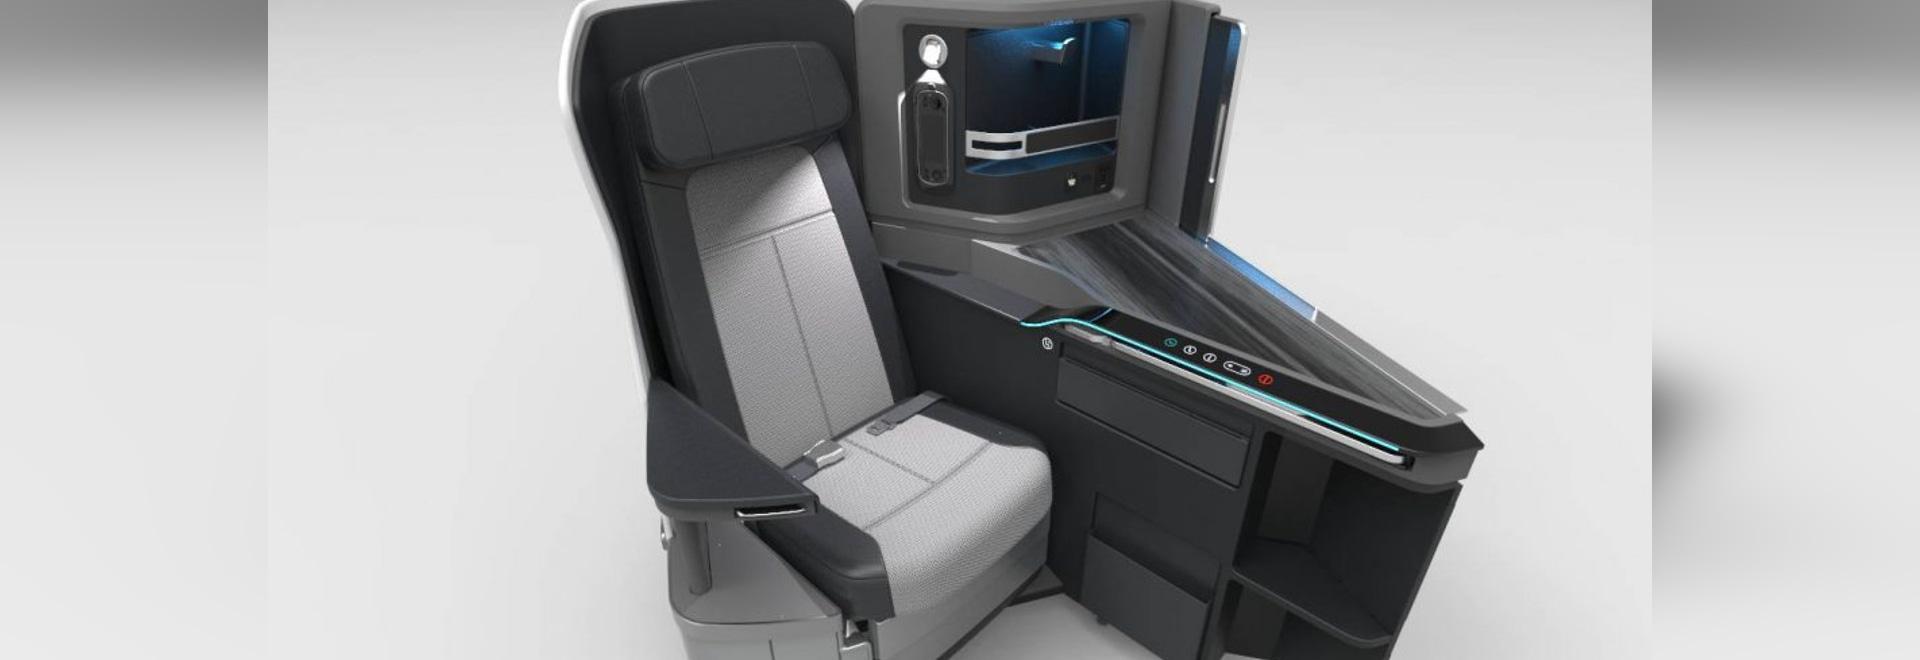 Premium class seat mitigates airlines' operation costs